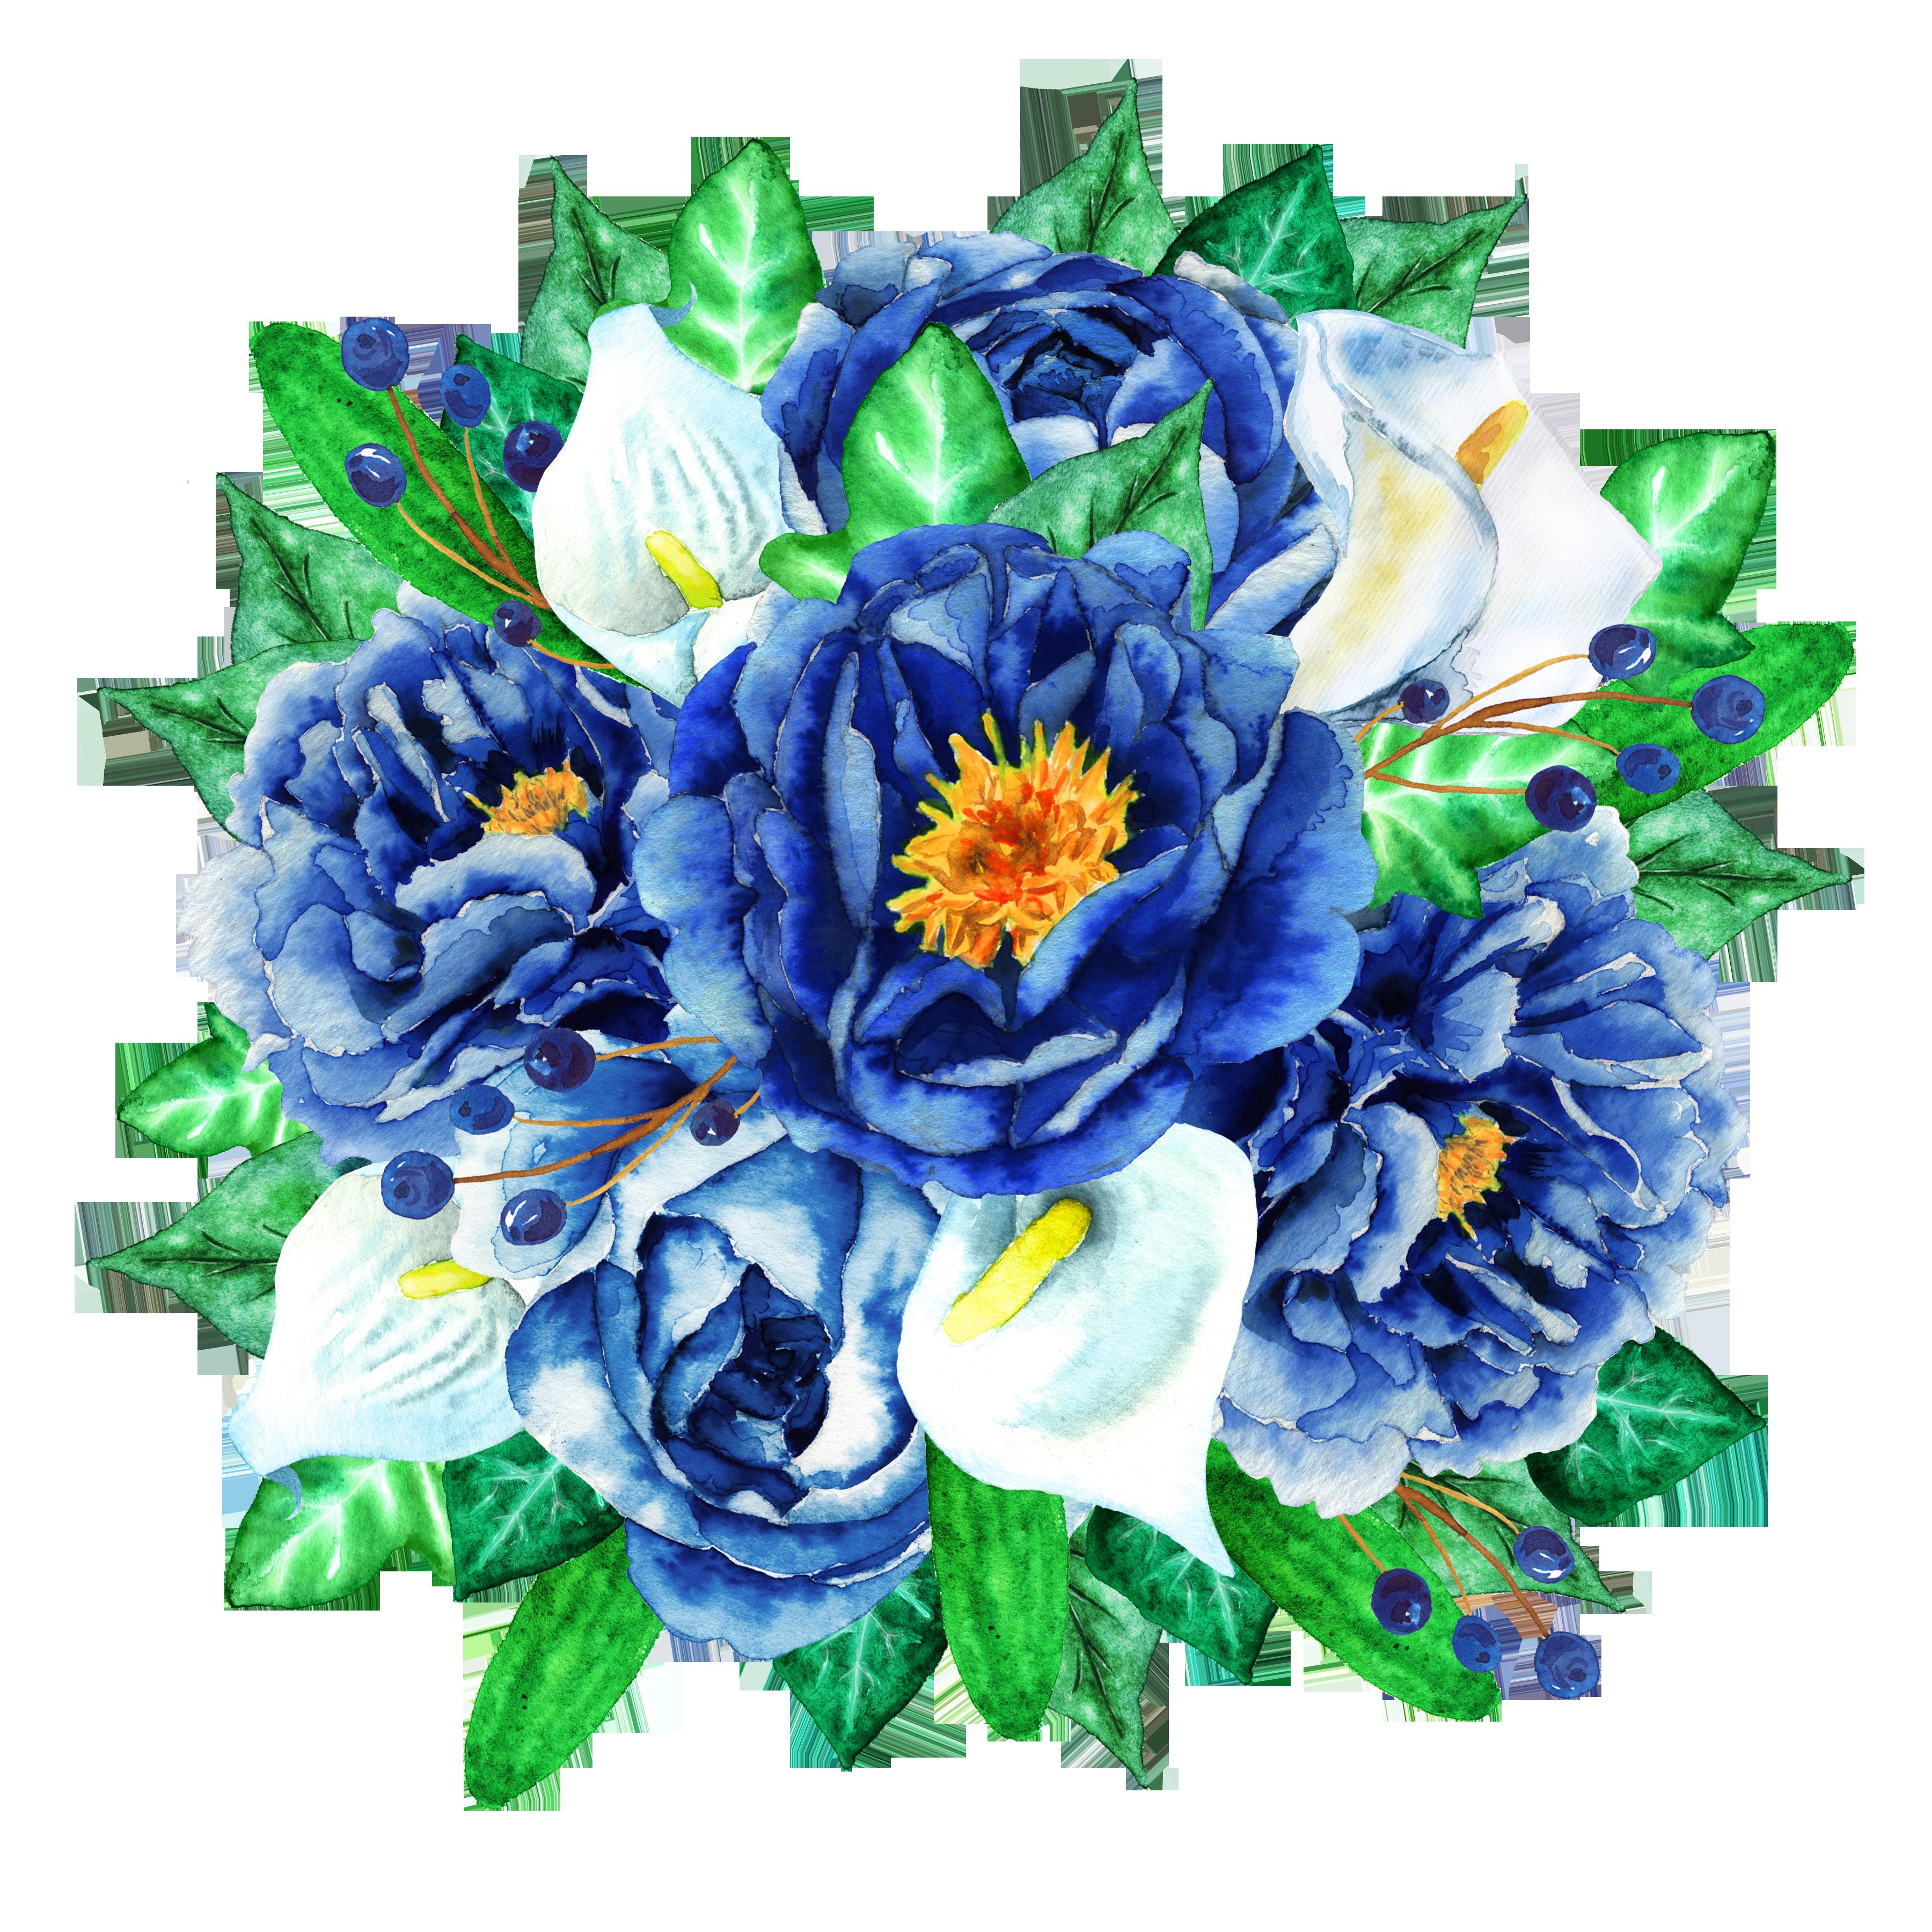 Blue flower bouquet clipart picture royalty free download Watercolour Flowers Flower bouquet Clip art - Blue Flower Bouquet ... picture royalty free download